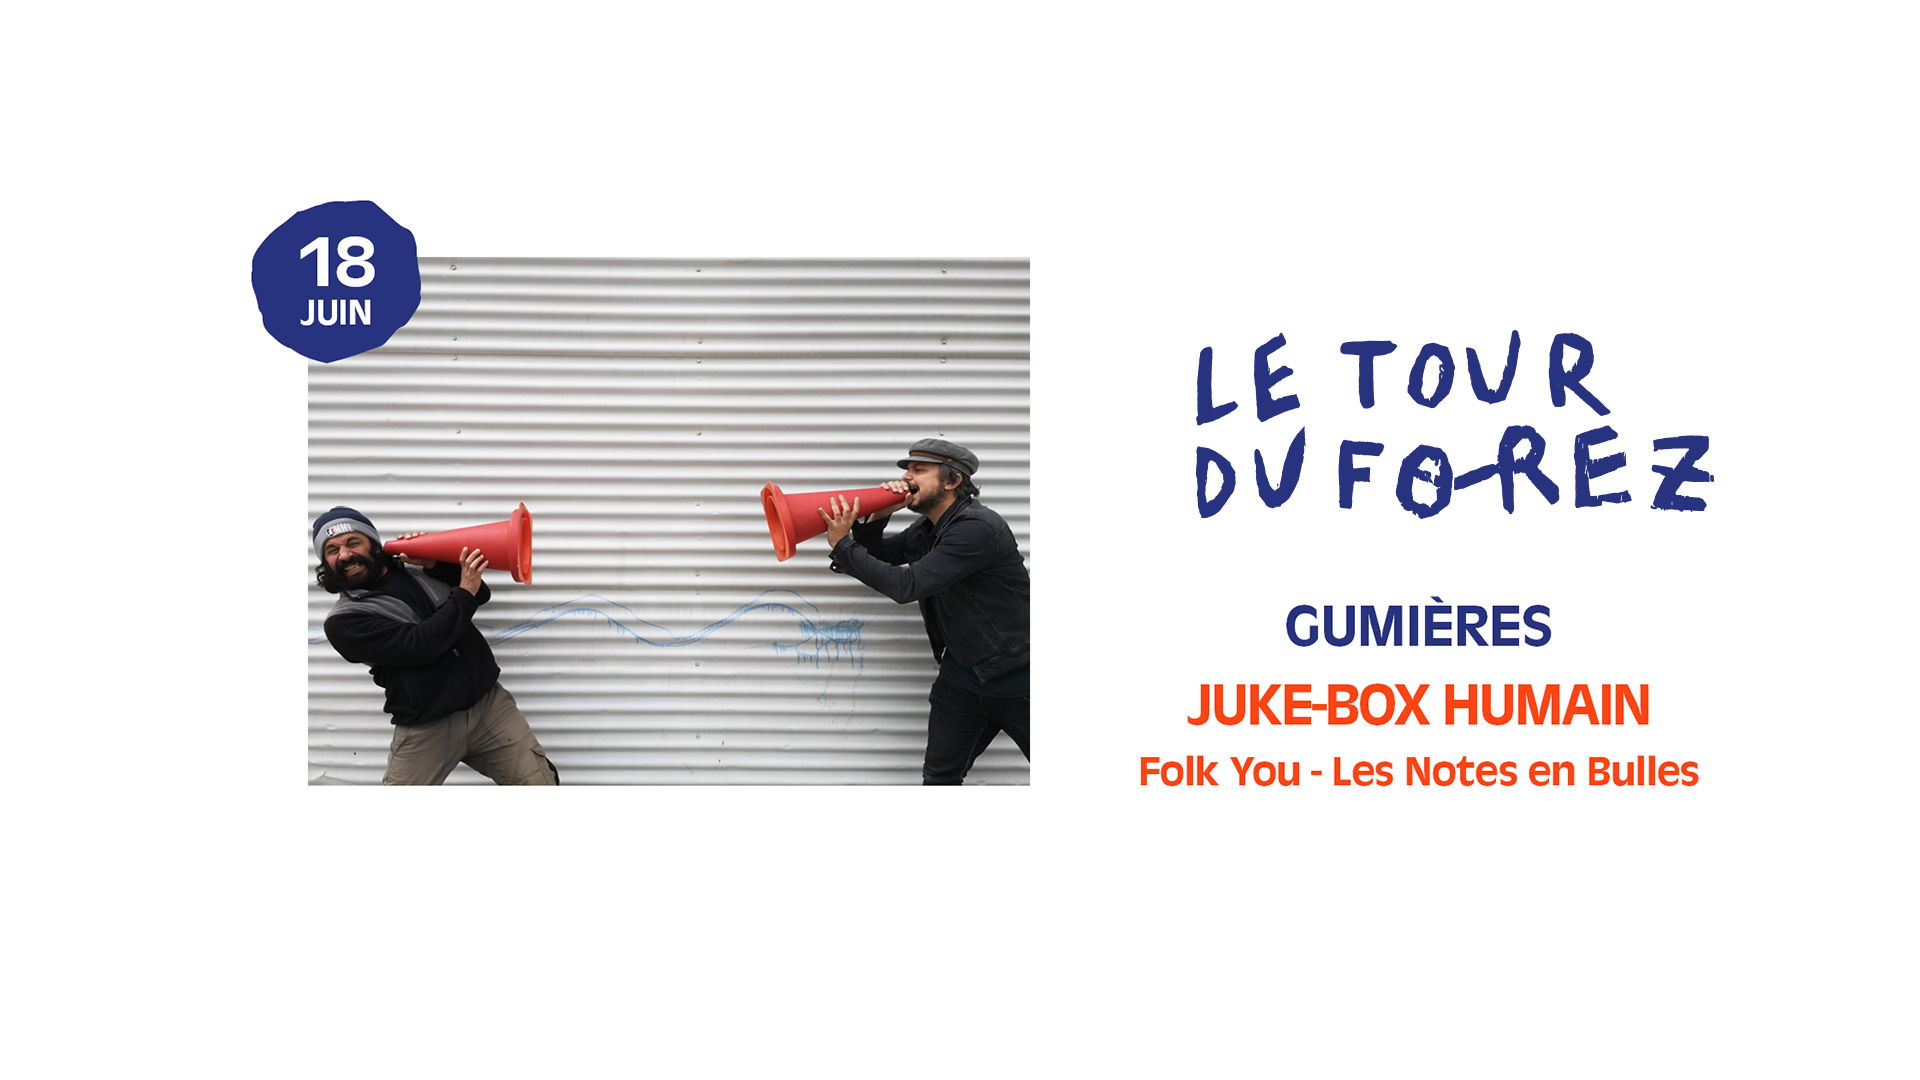 Juke Box humain